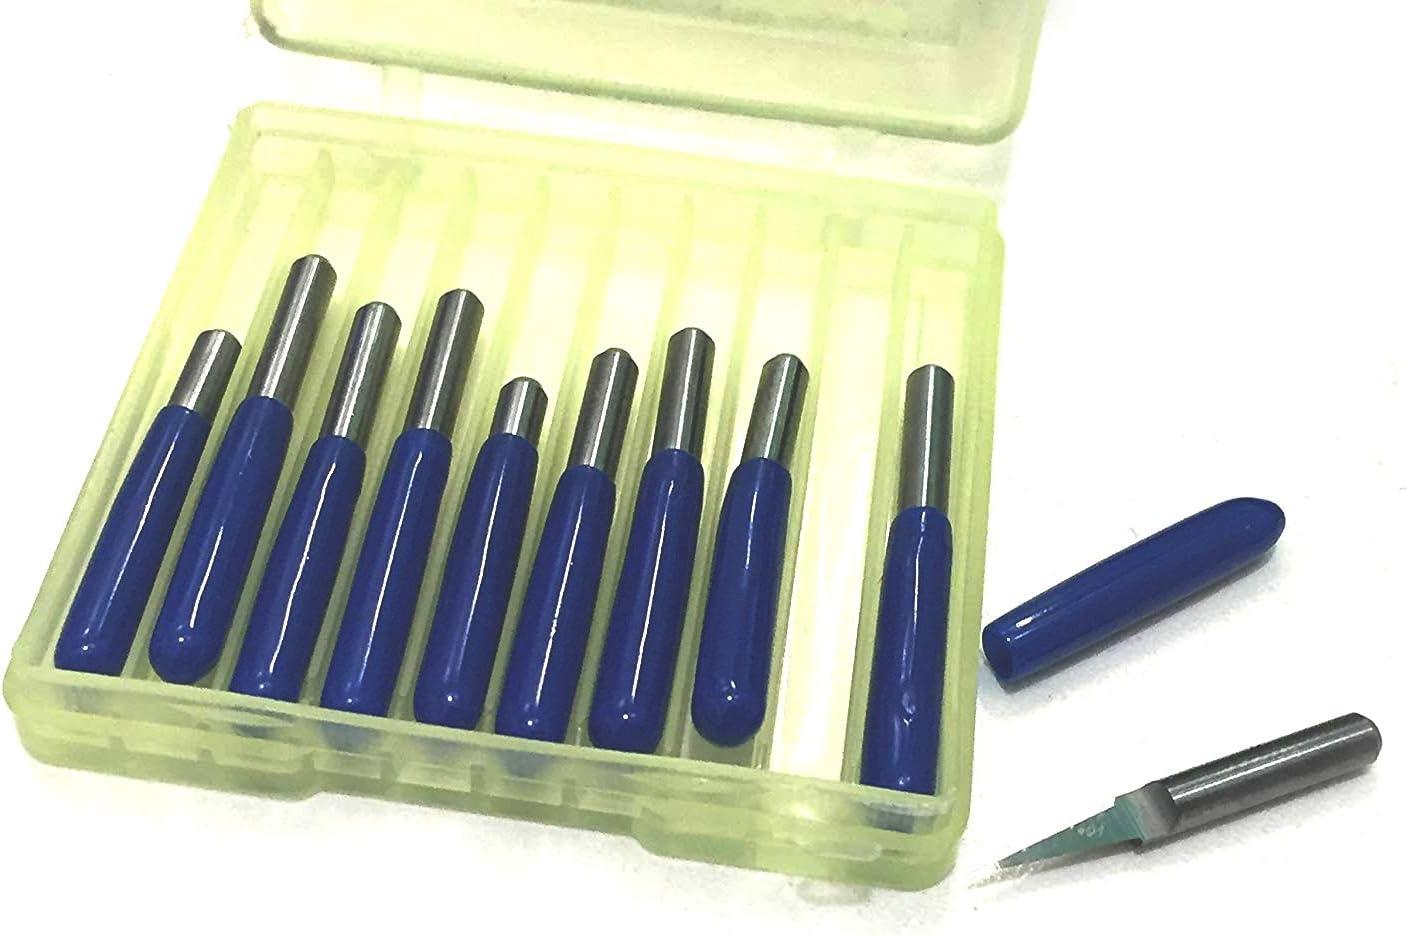 angolo di 10/° e punta di 0,1 mm confezione da 10 pezzi Fresa per incisione PCB in carburo color argento con fondo arrotondato Veda utensile per fresatura a CNC